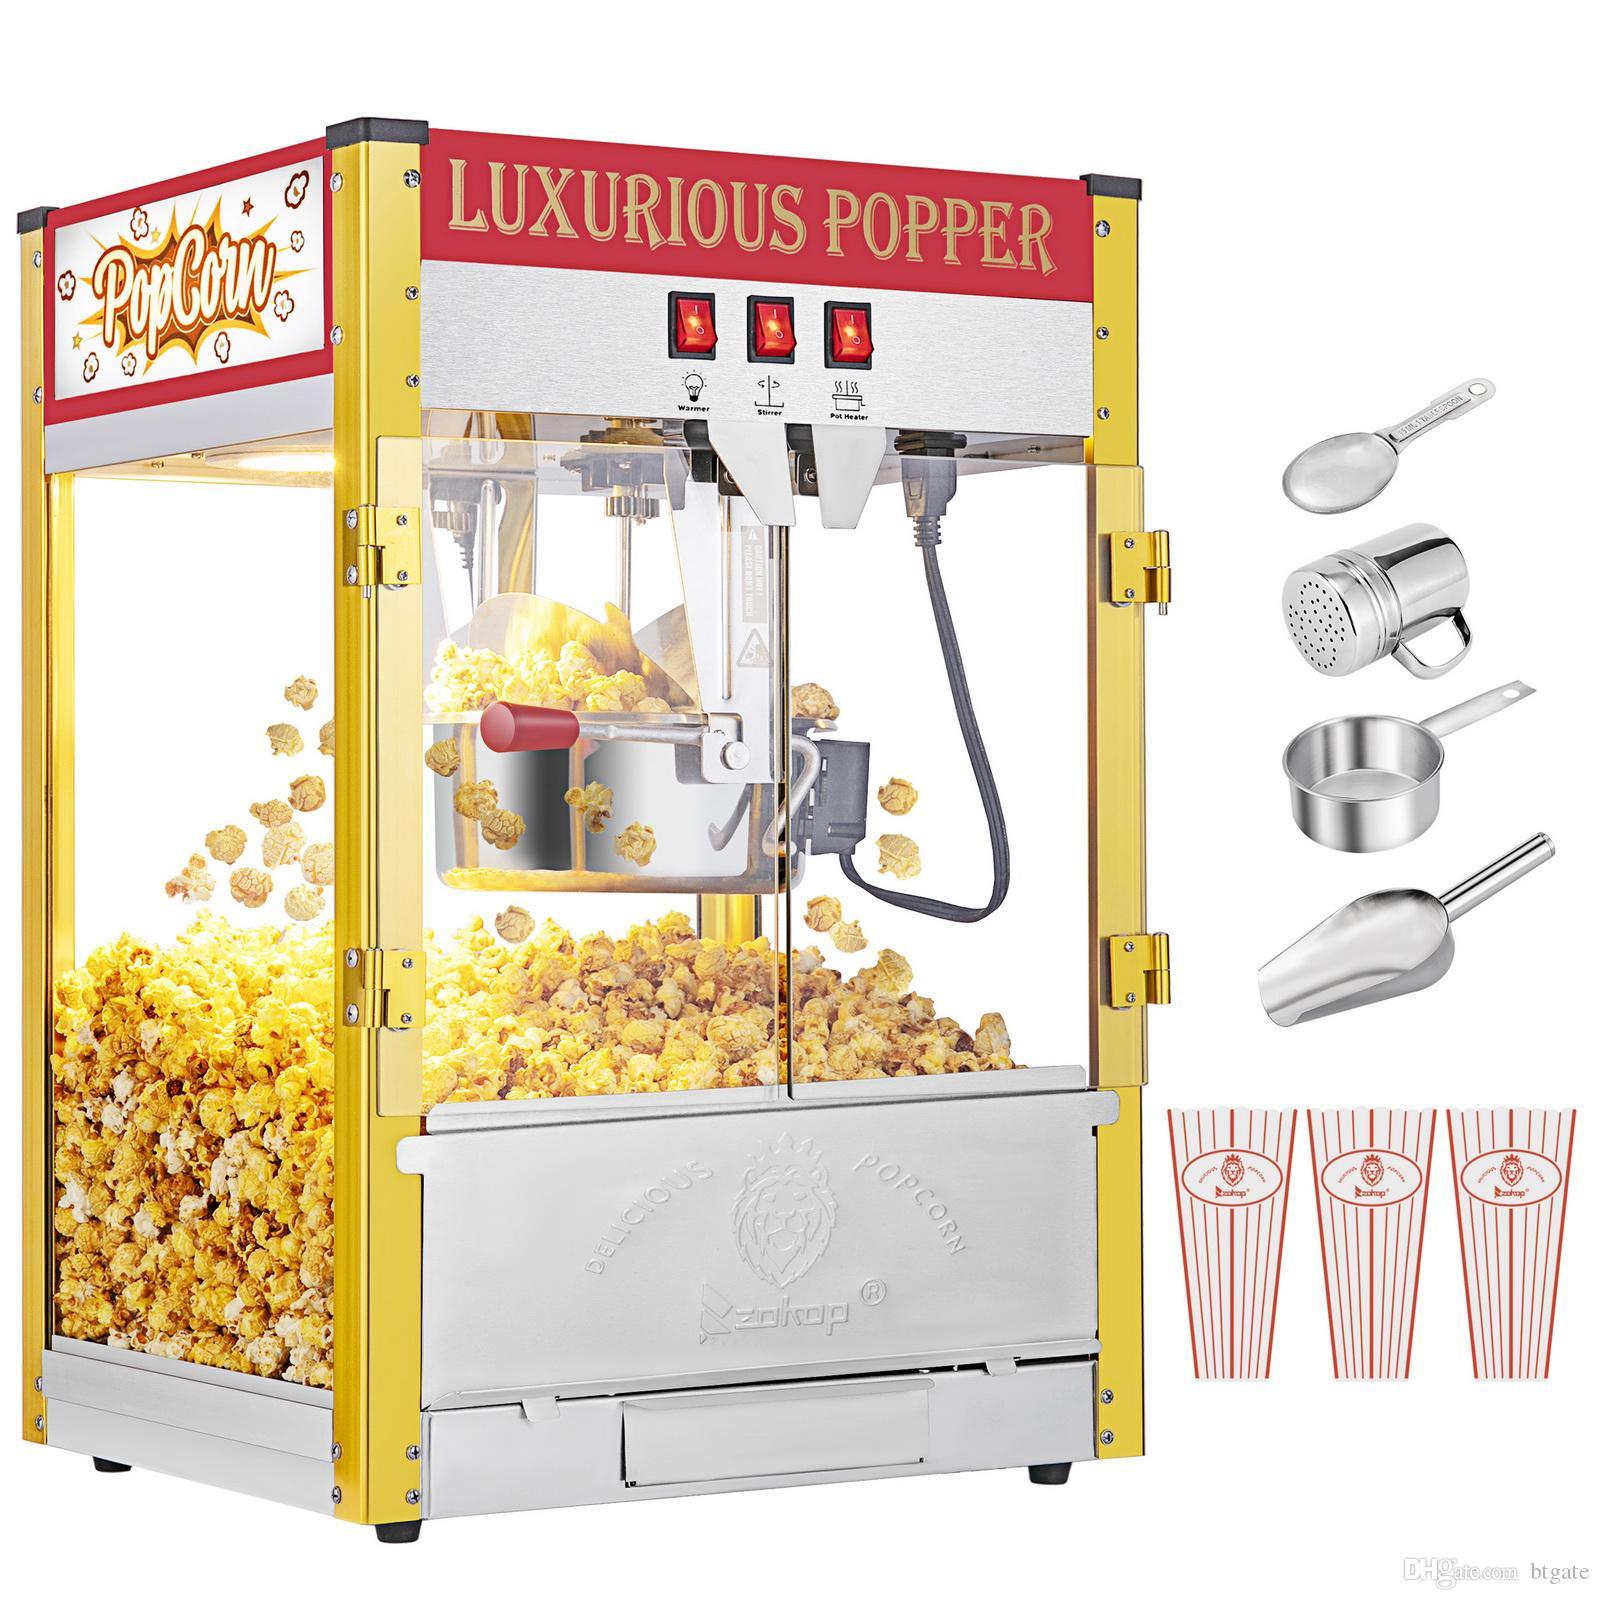 850 Вт старинные профессиональные электрические попкорн Maker Popper машина ретро двойной двери с освещением красный черный домашний кинотеатр кинотеатр